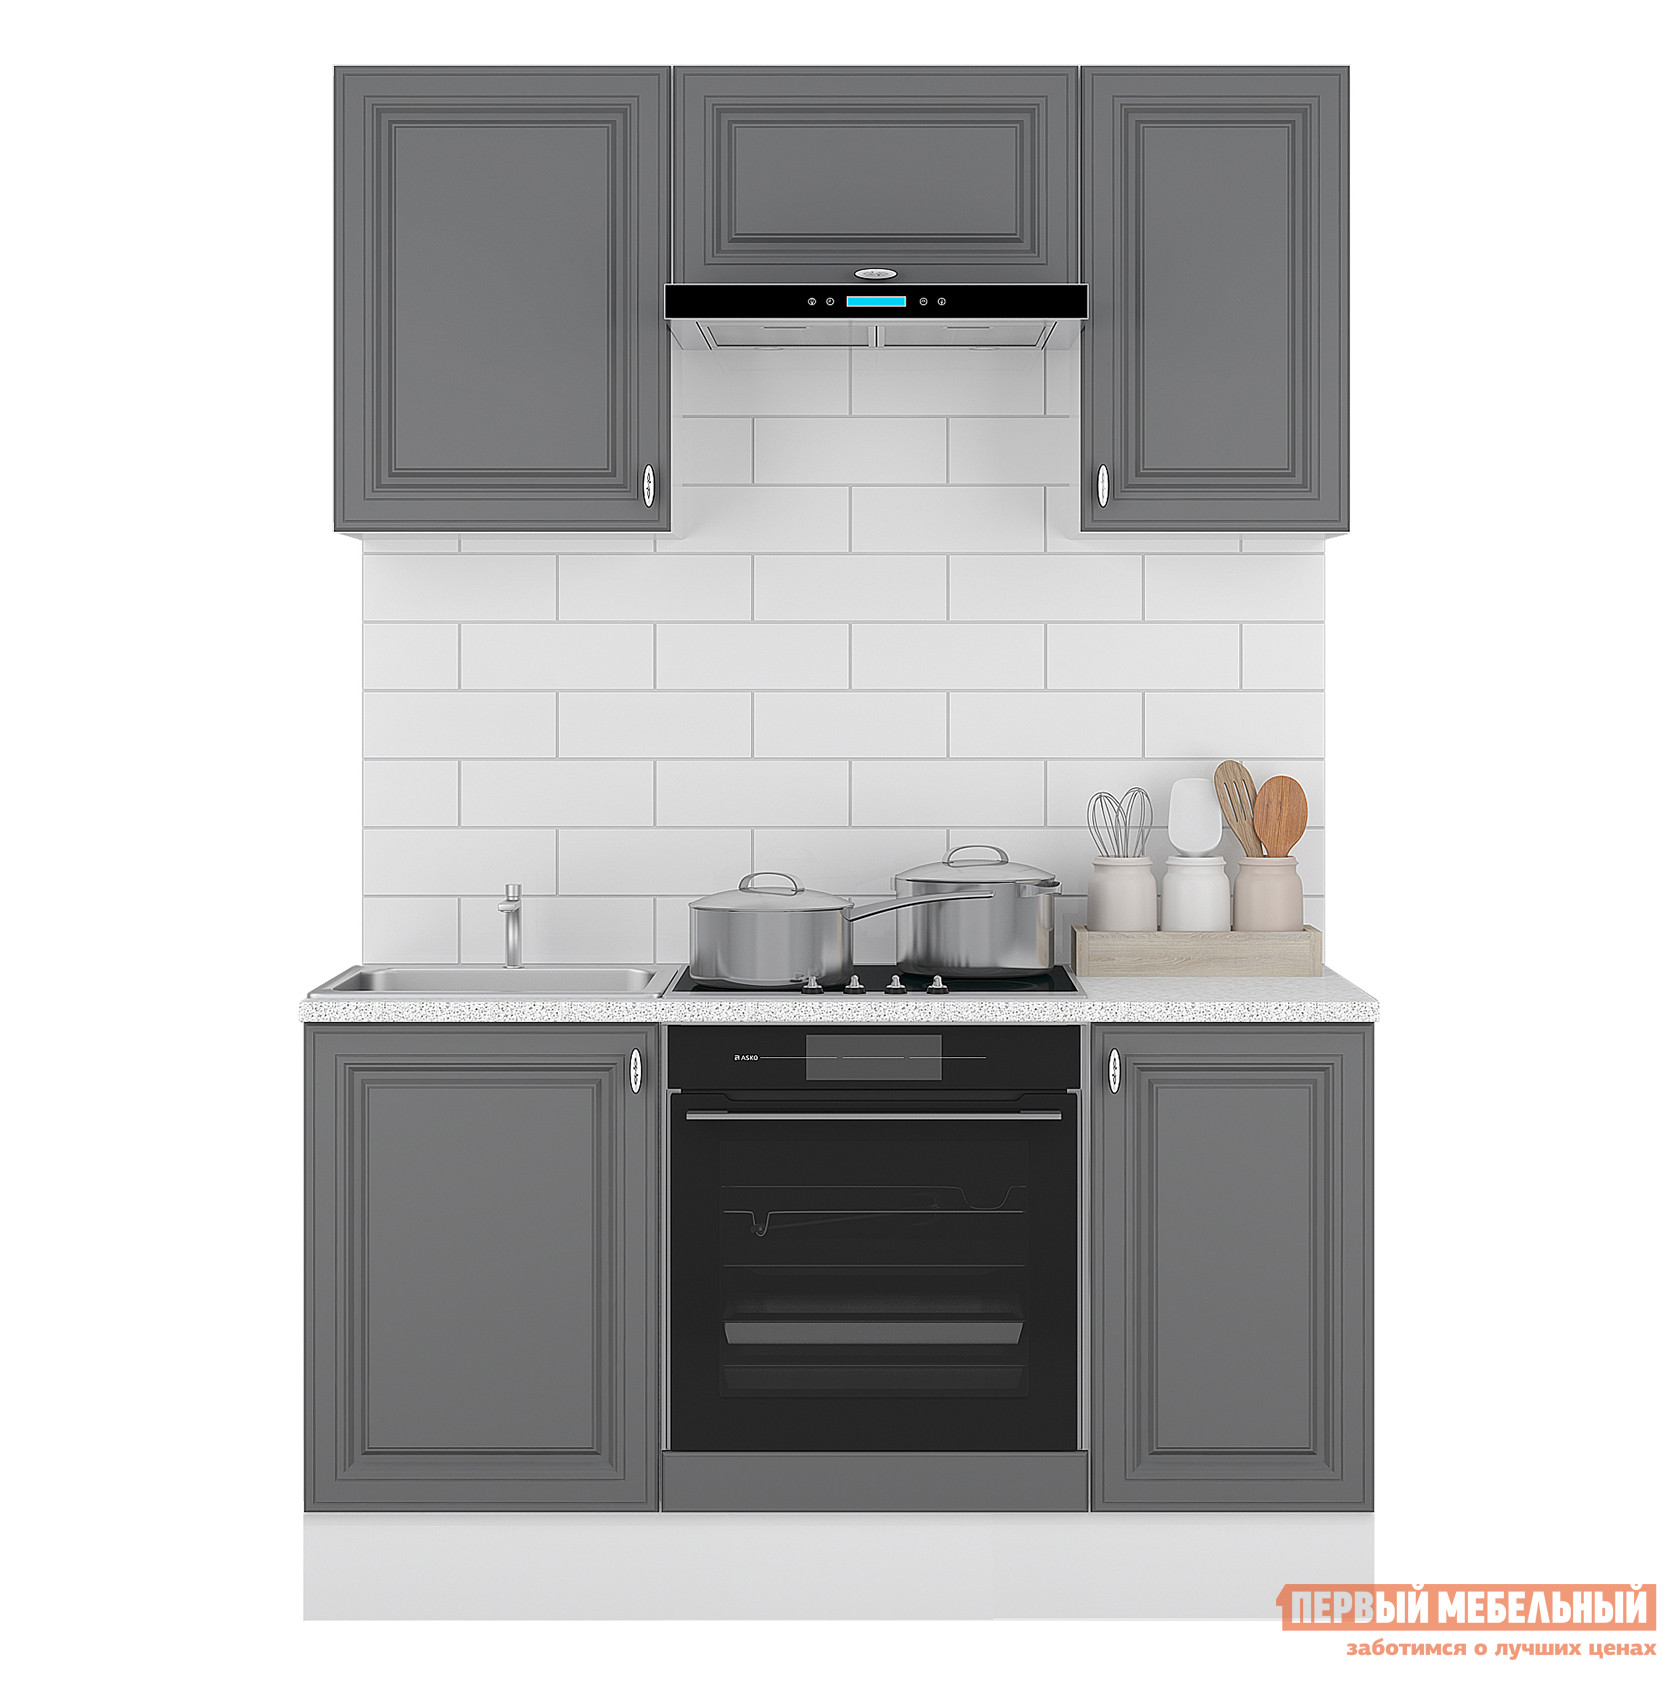 Кухонный гарнитур Первый Мебельный Кухня Ева 150 см